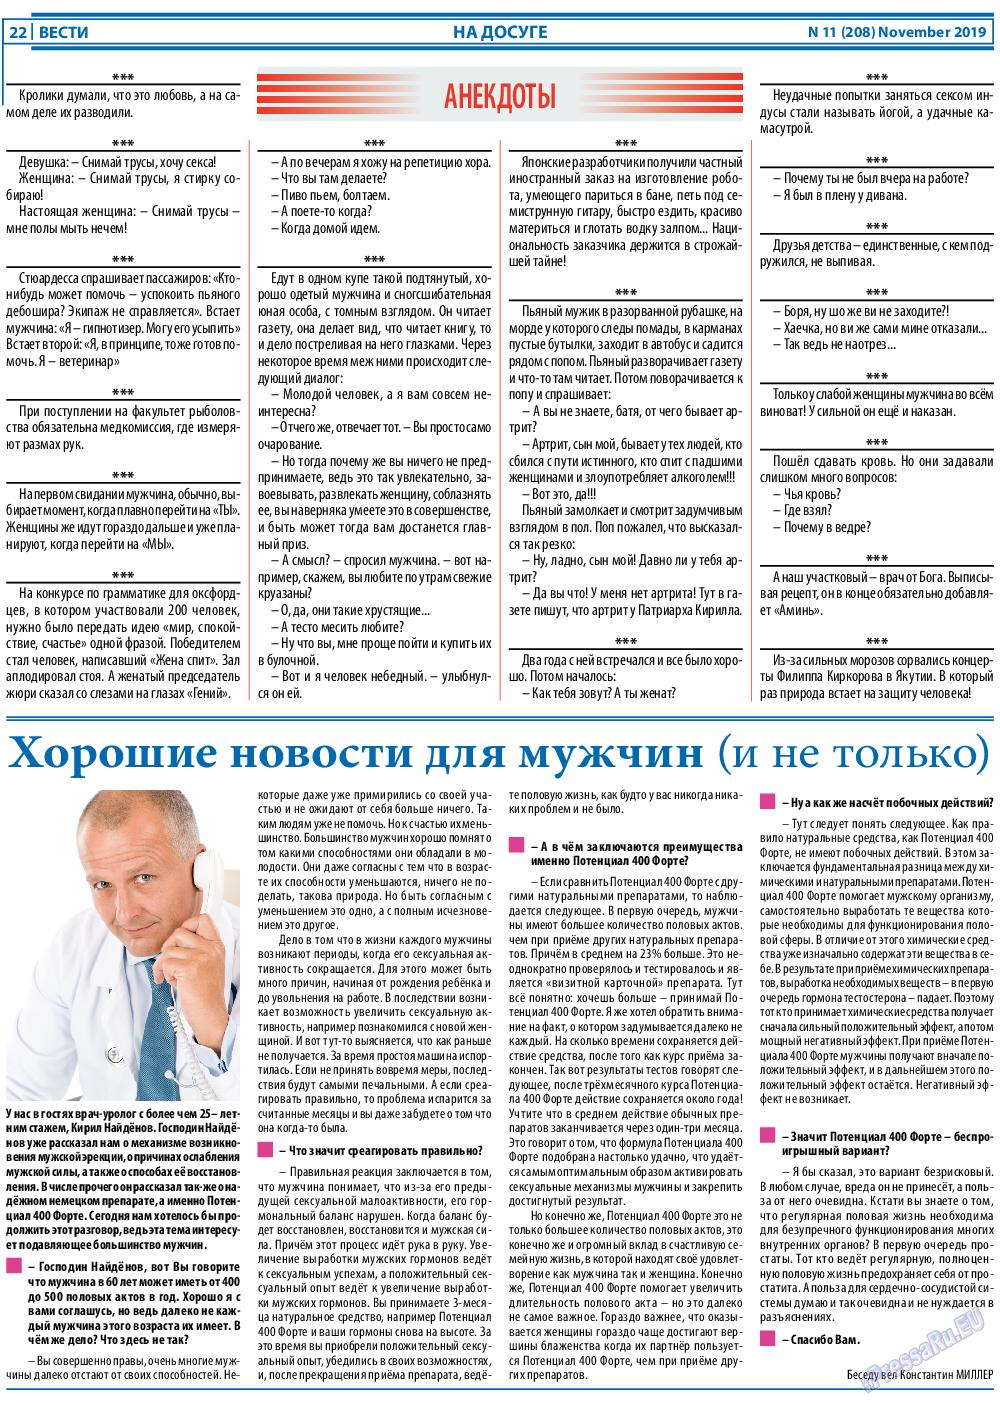 Вести (газета). 2019 год, номер 11, стр. 22